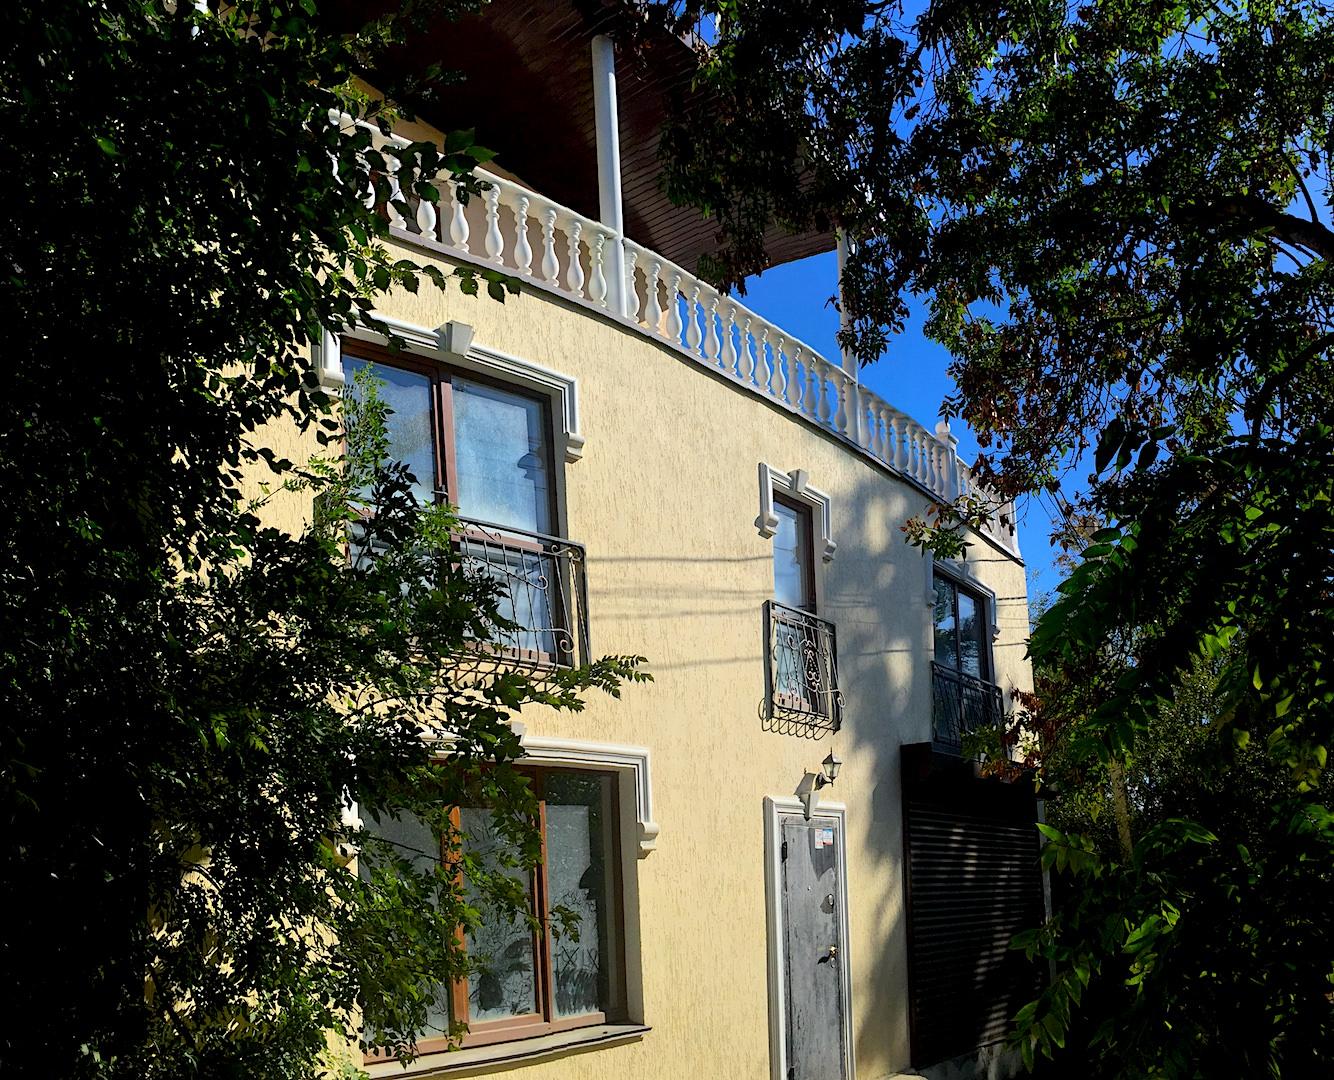 Продажа дома в Гурзуфе с видовой террасой 7